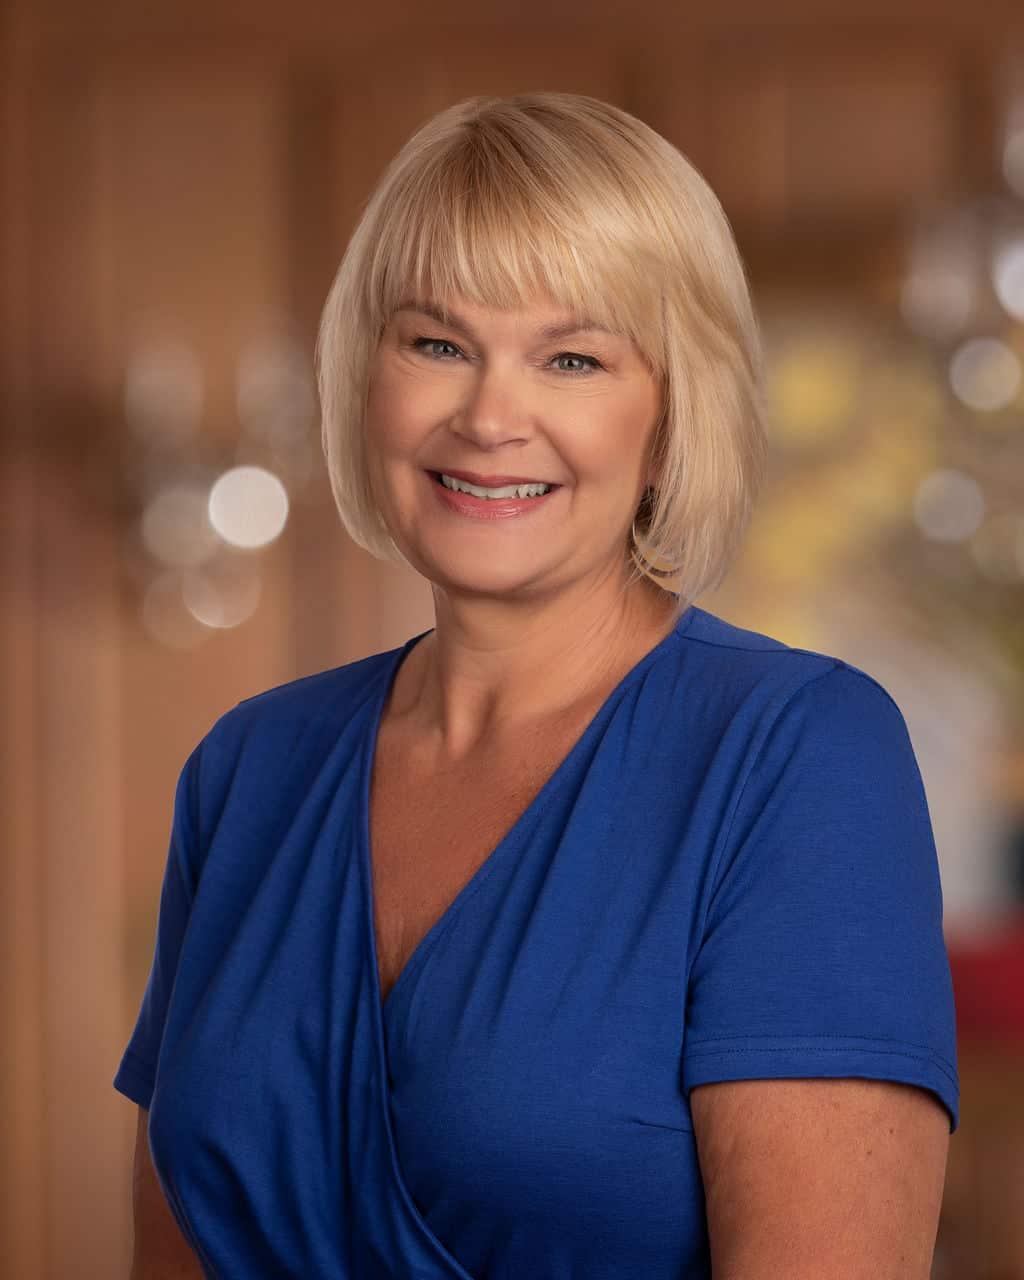 Stephanie A. Survilas Locke